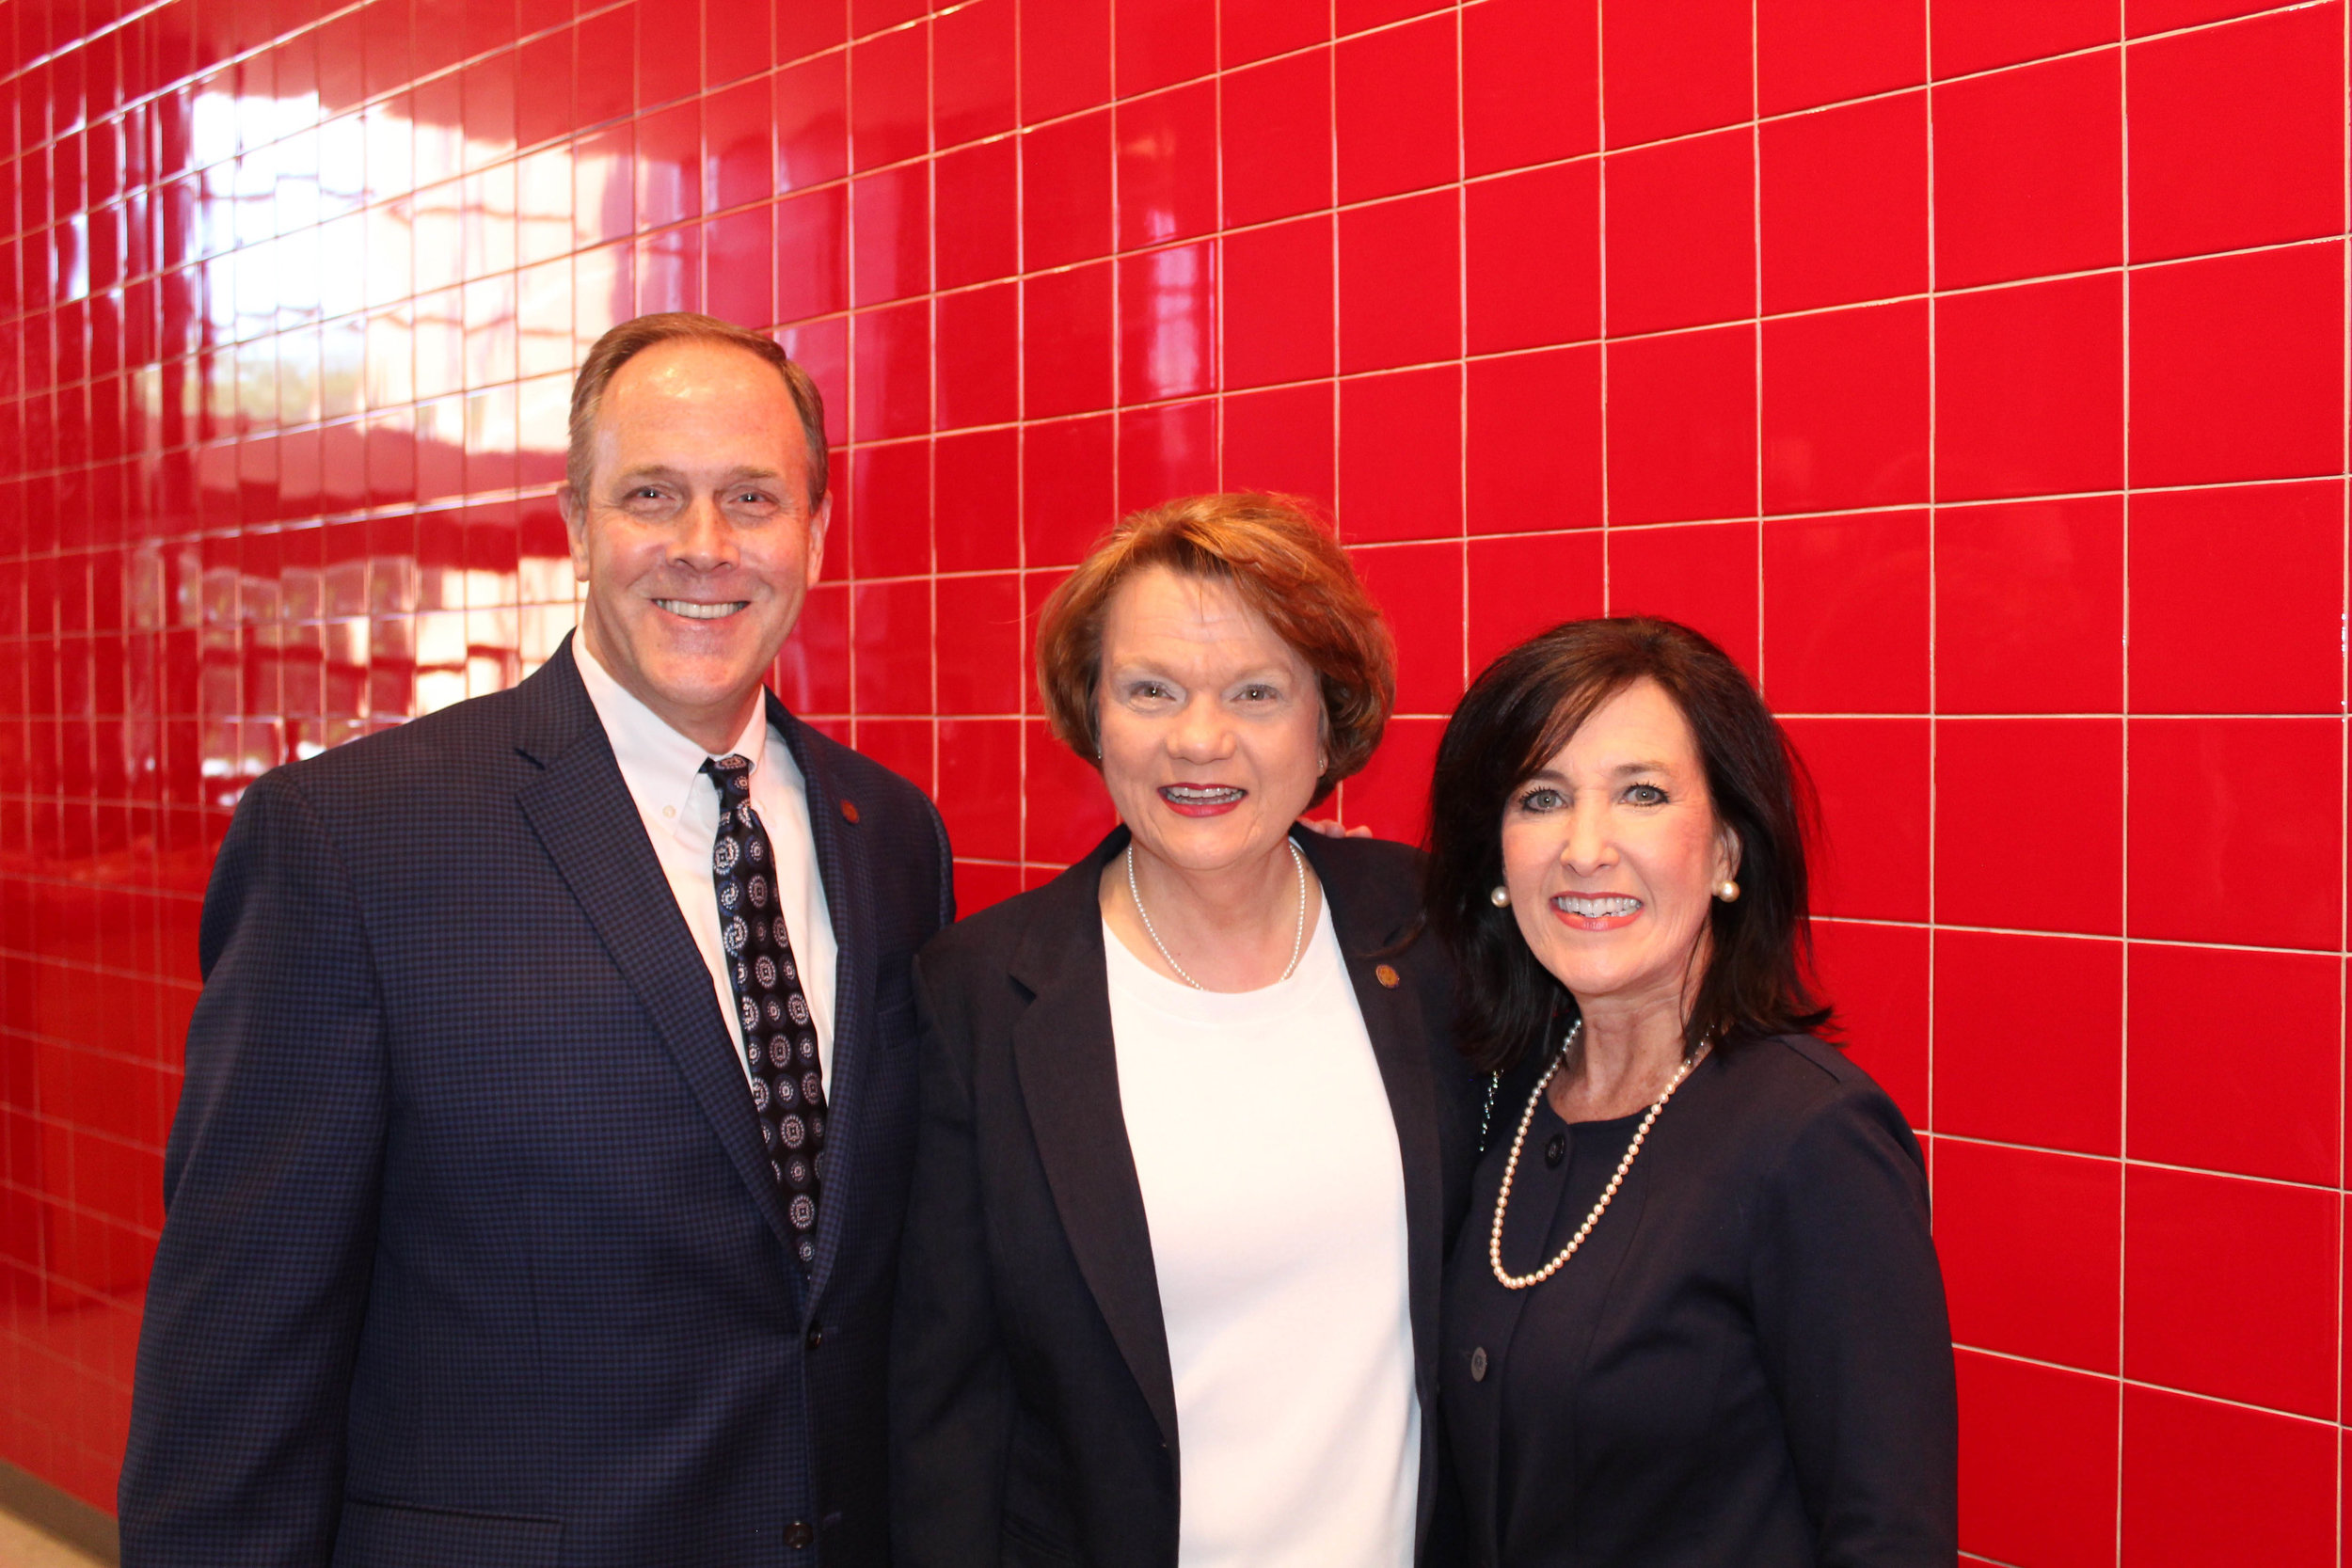 Rep. Les Warren, Rep. Carol Dalby and Pam Warren